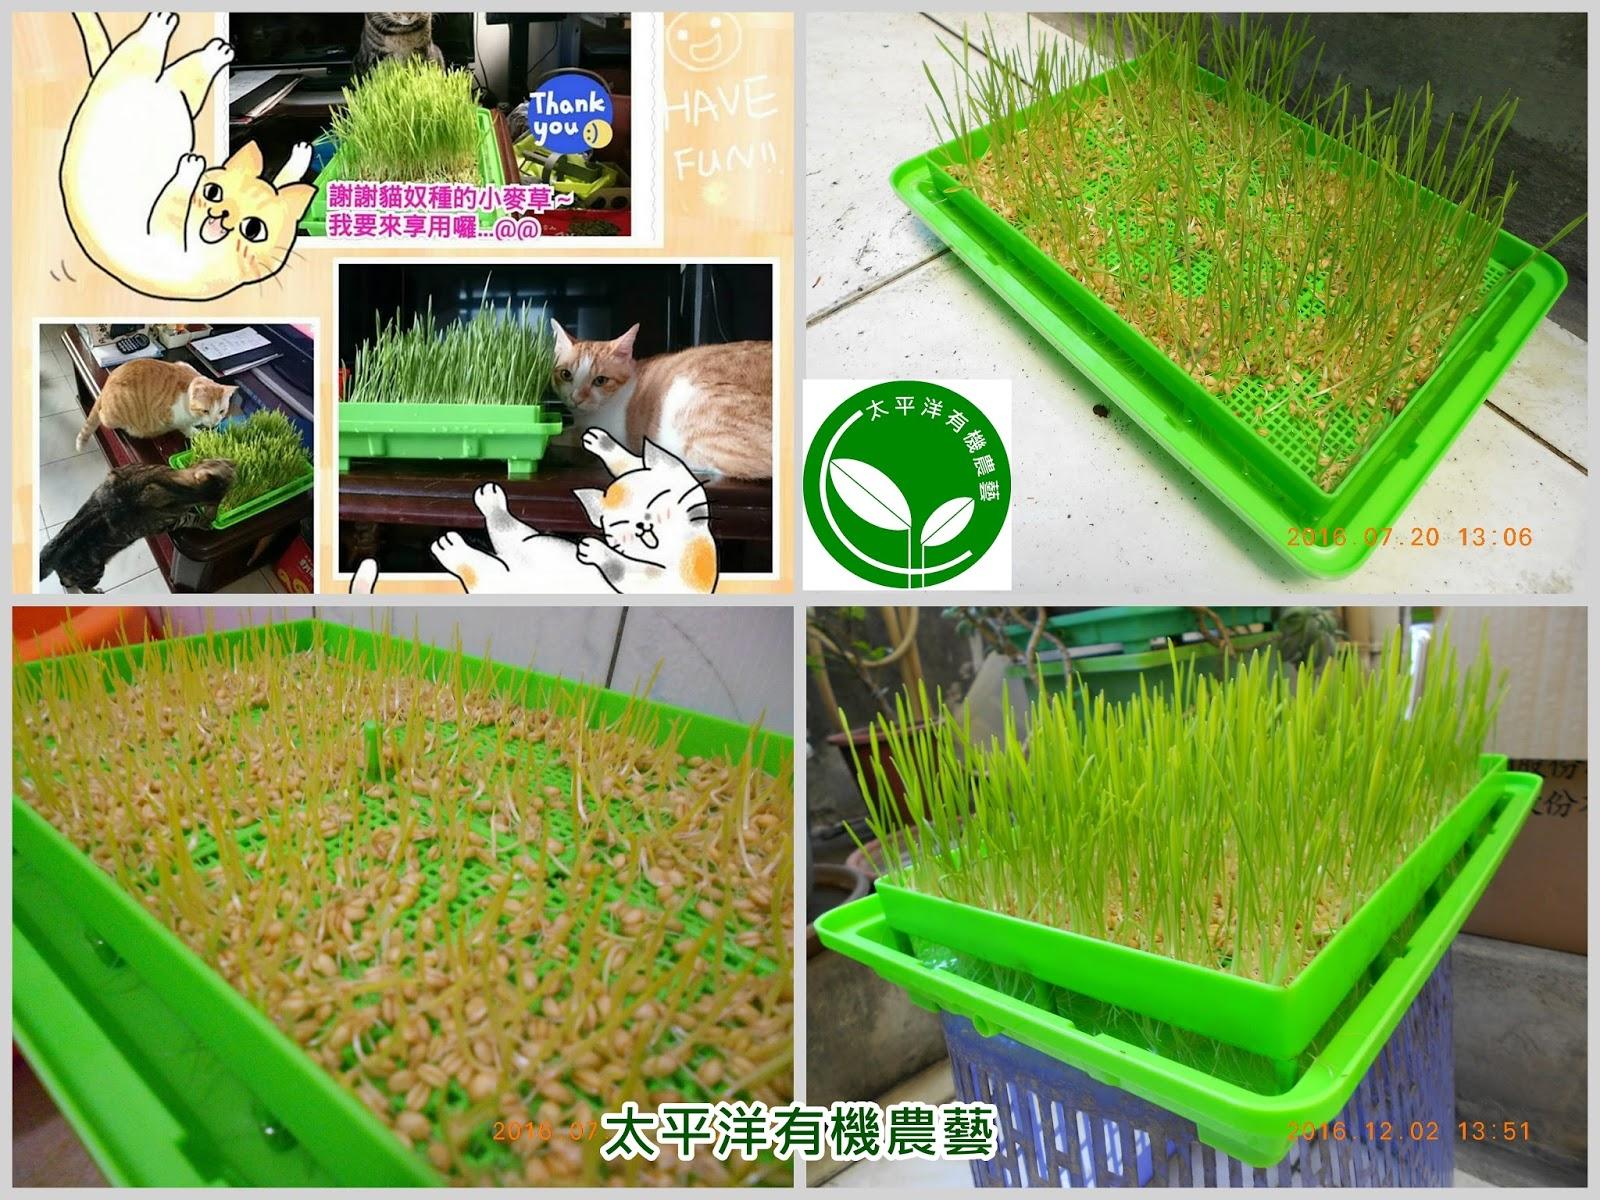 小麥,小麥胚芽,回春水,貓草,回春水做法,回春水的功效,貓草小麥草,貓草怎麼種,貓草種子哪裡買,生麥芽汁